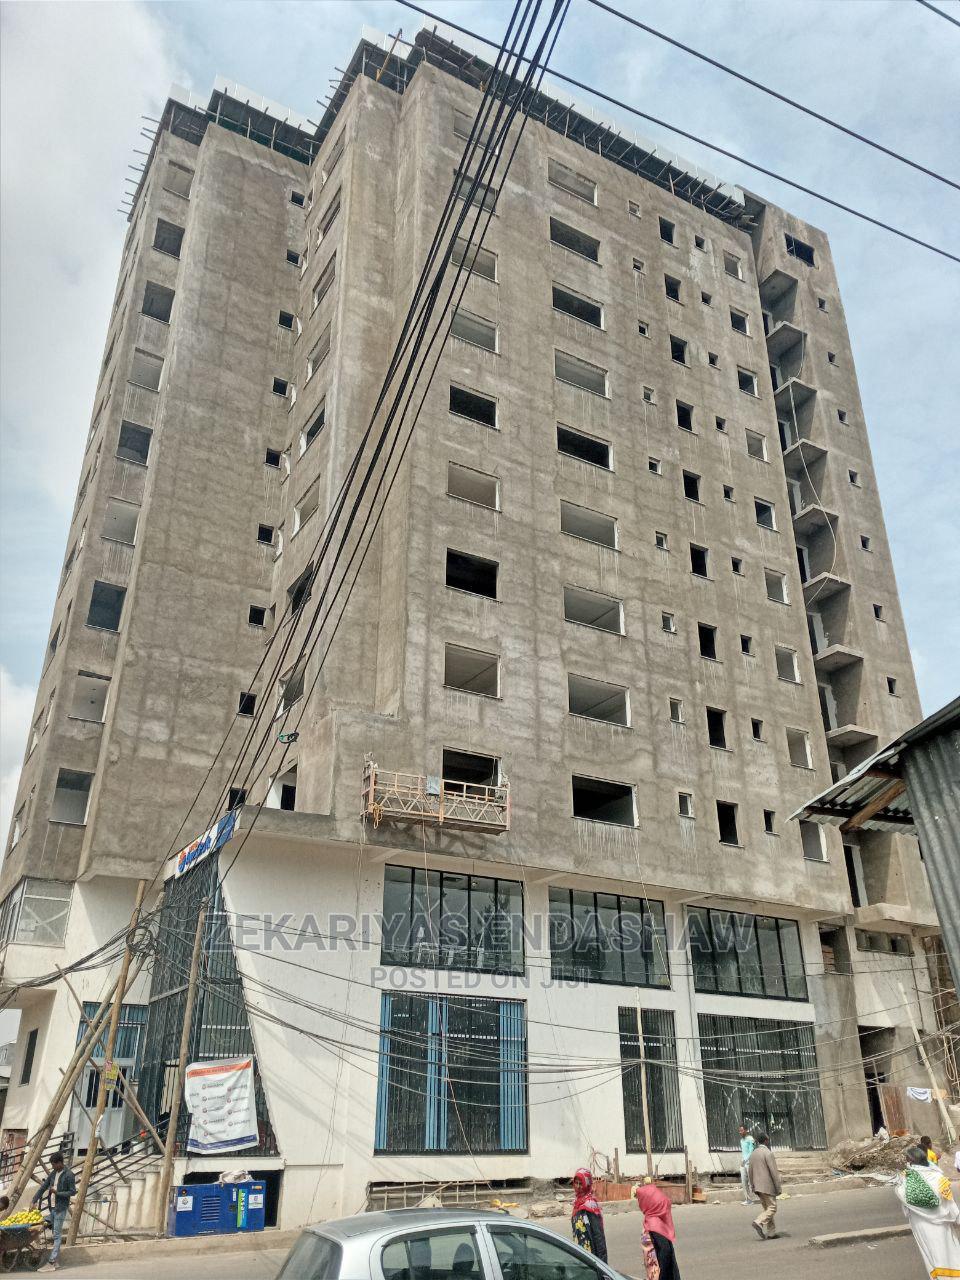 ለኪራይና ለሽያጭ የቀረበ ሱቅ (የንግድ ቦታ) በቦሌ 24   Commercial Property For Rent for sale in Bole, Addis Ababa, Ethiopia